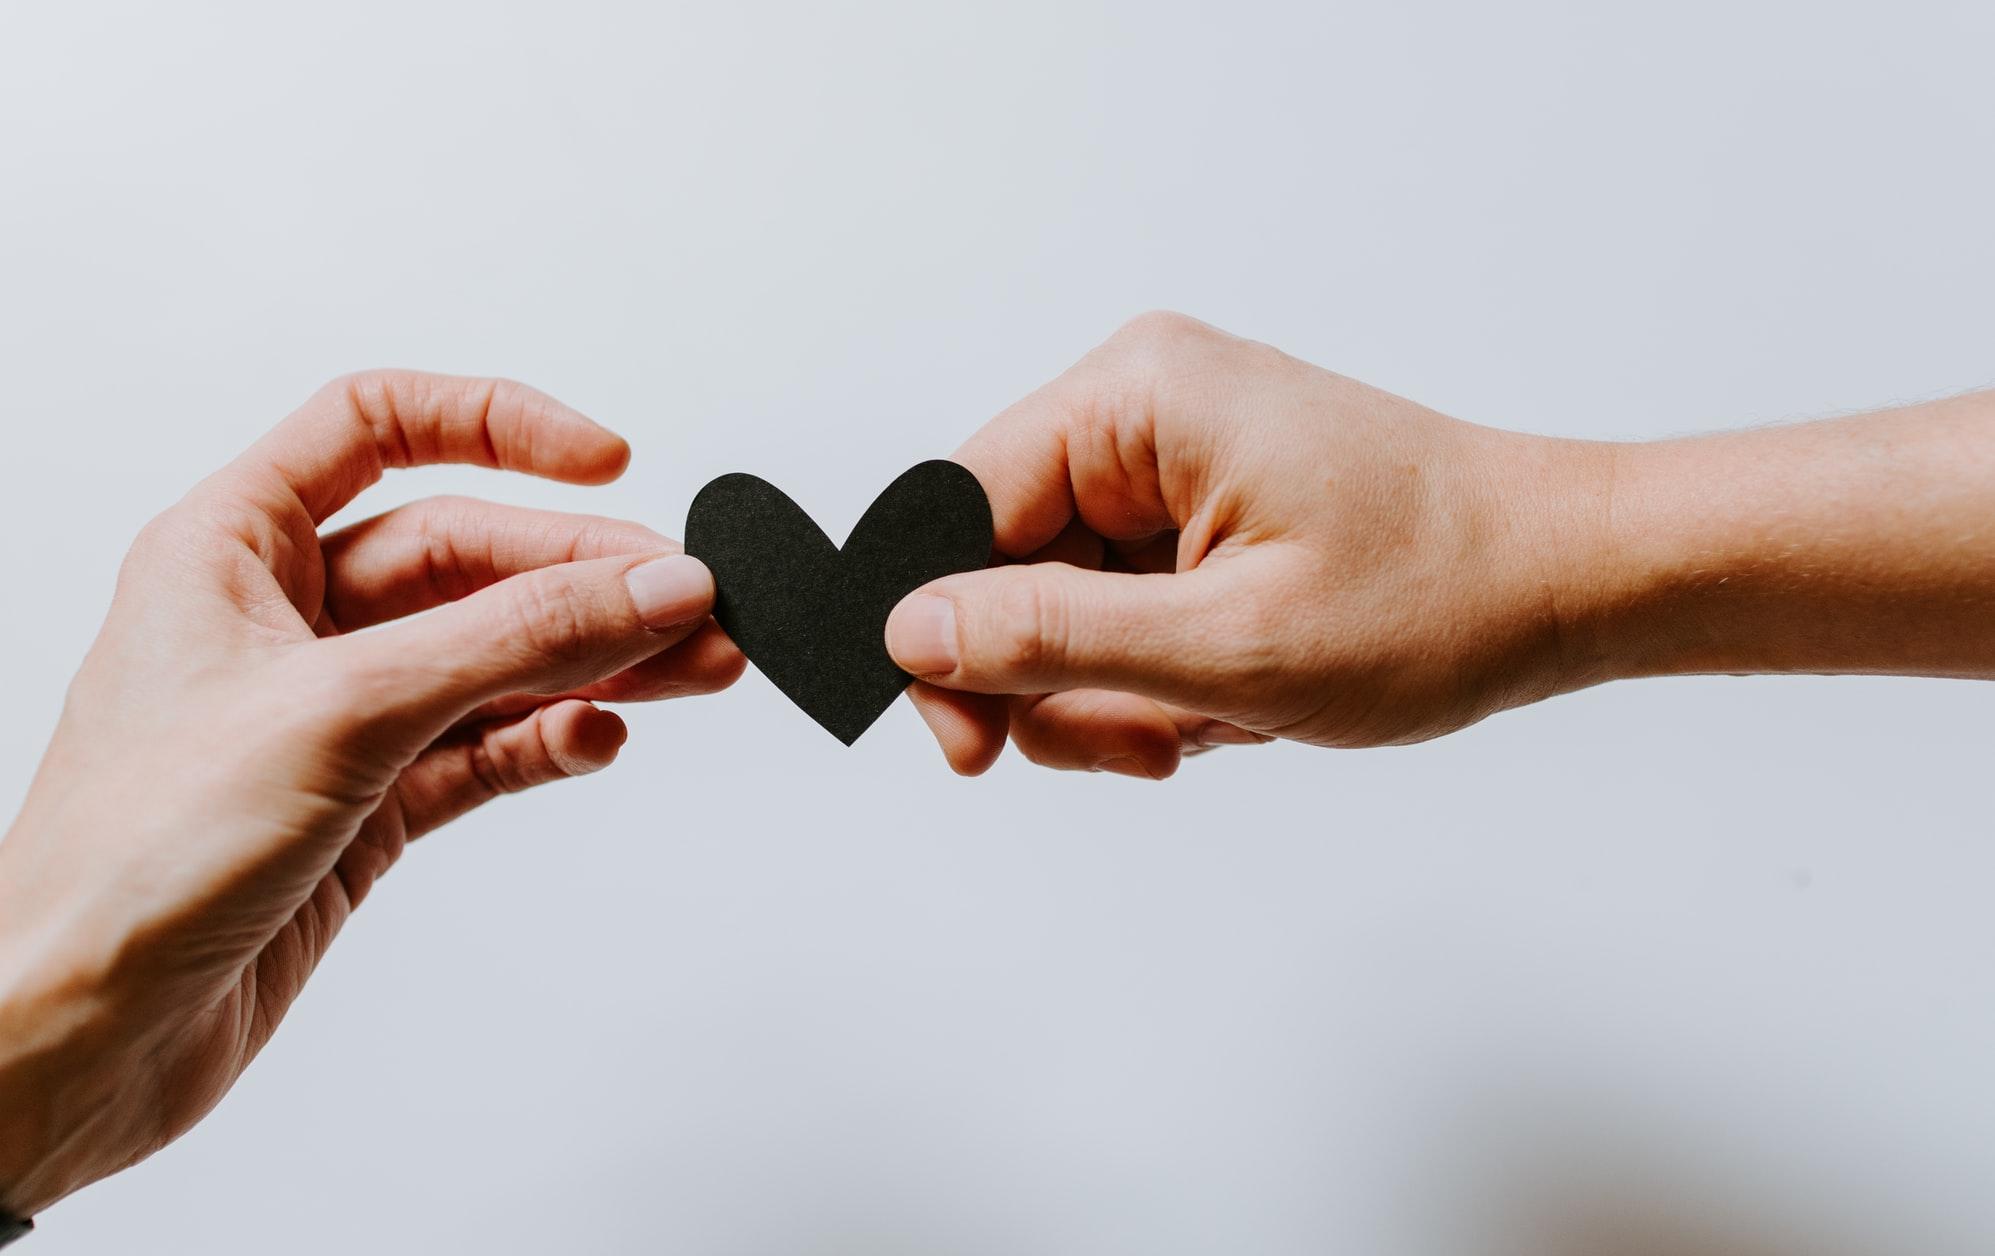 liefde-geven-hartje